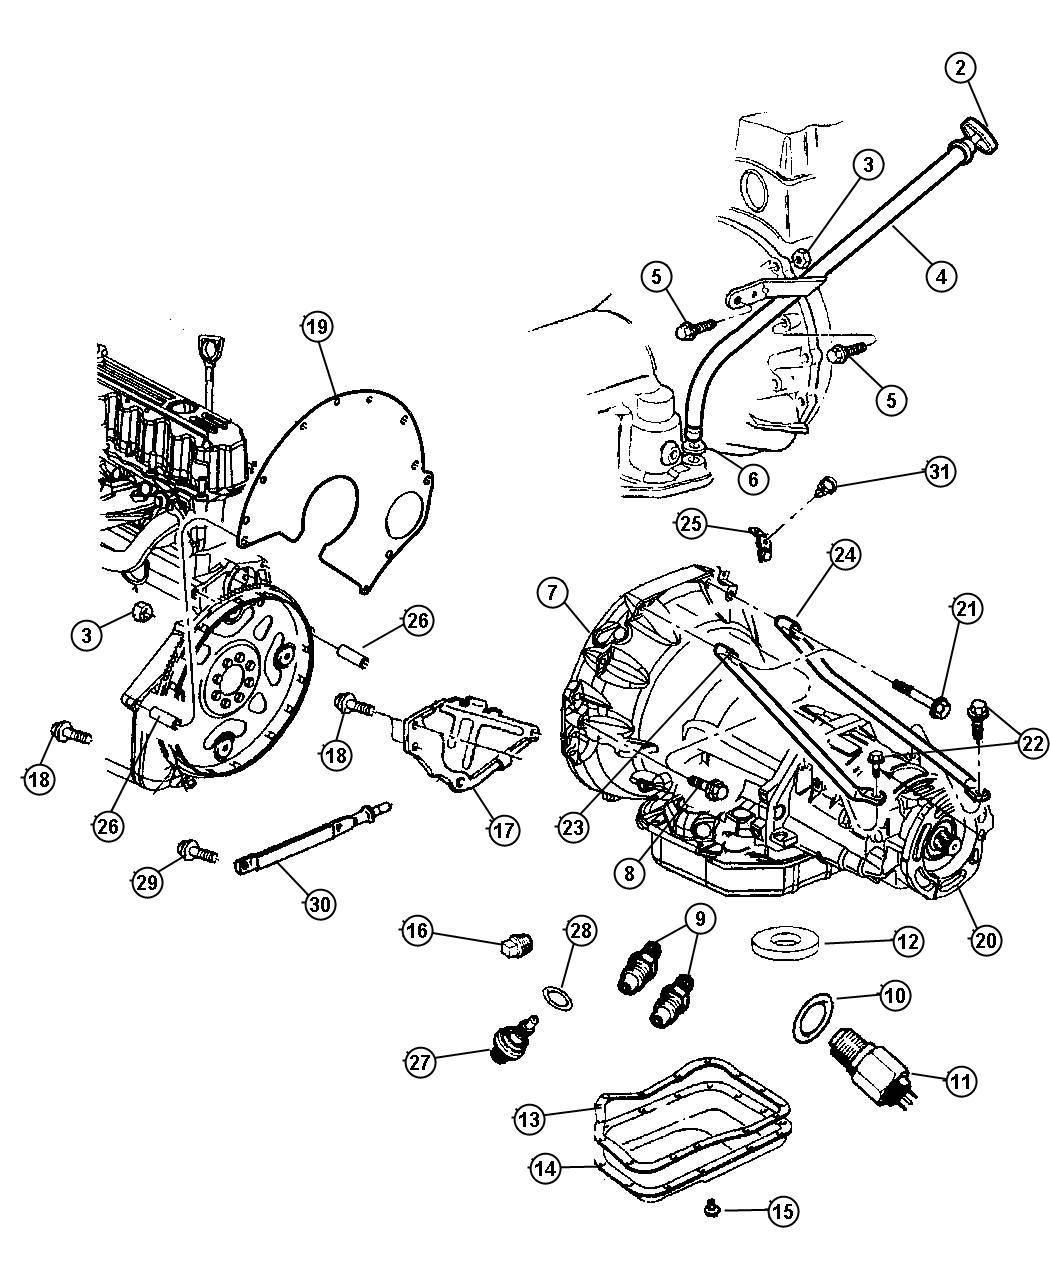 Head Gasket Repair: Head Gasket Repair 2000 Jeep Grand